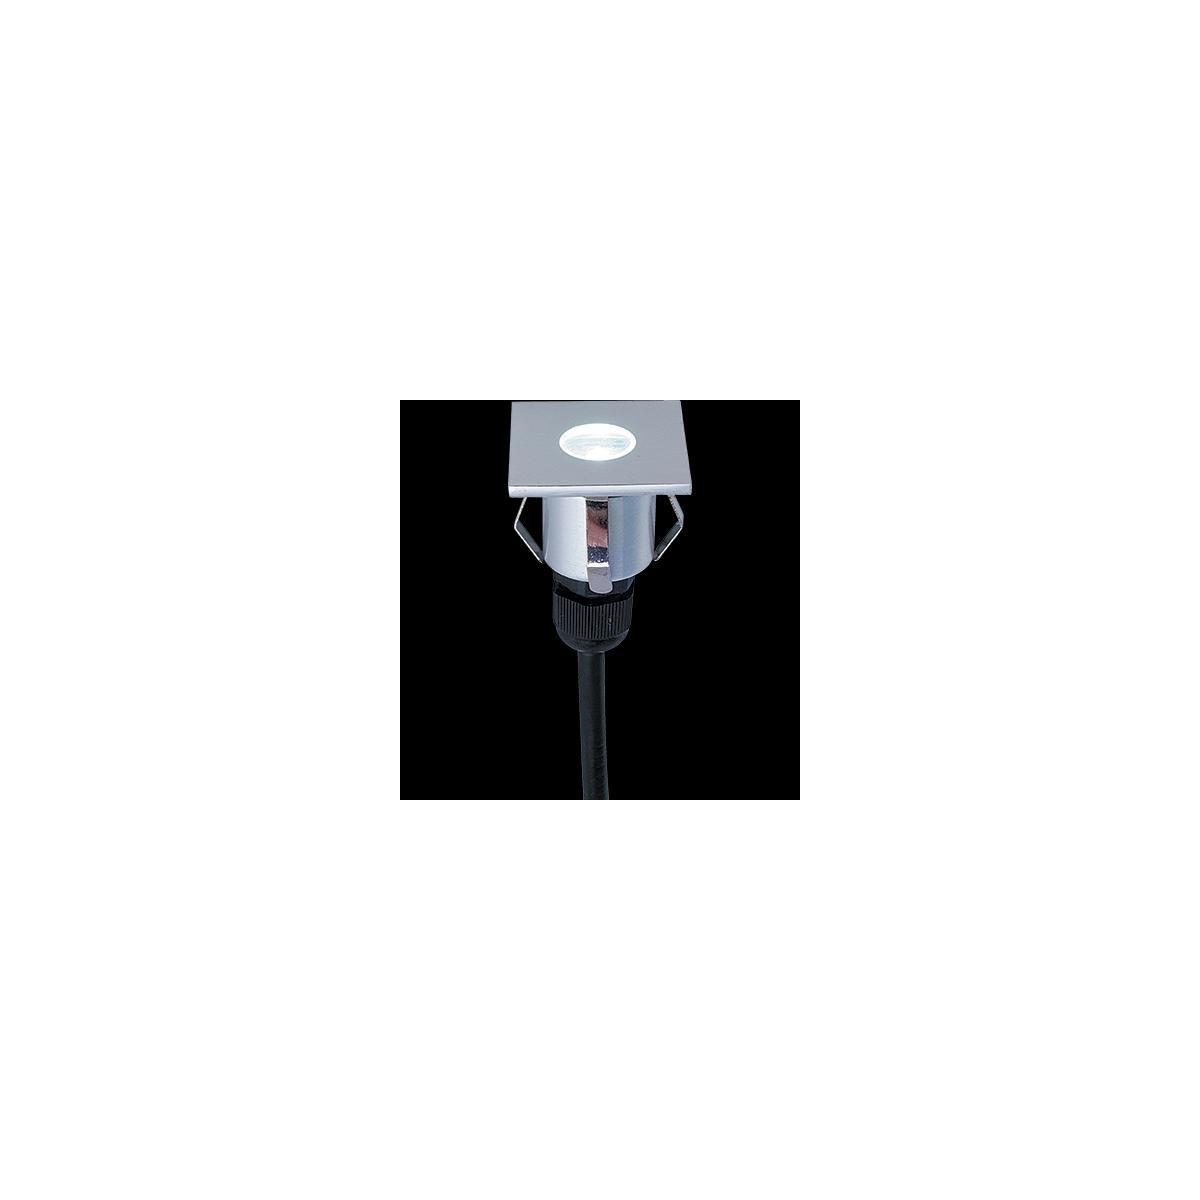 Venkovní nášlapné LED svítidlo, 1W, IP65, Ra80, max. 2.000 kg, úhel svítivosti 60°, 6000°K